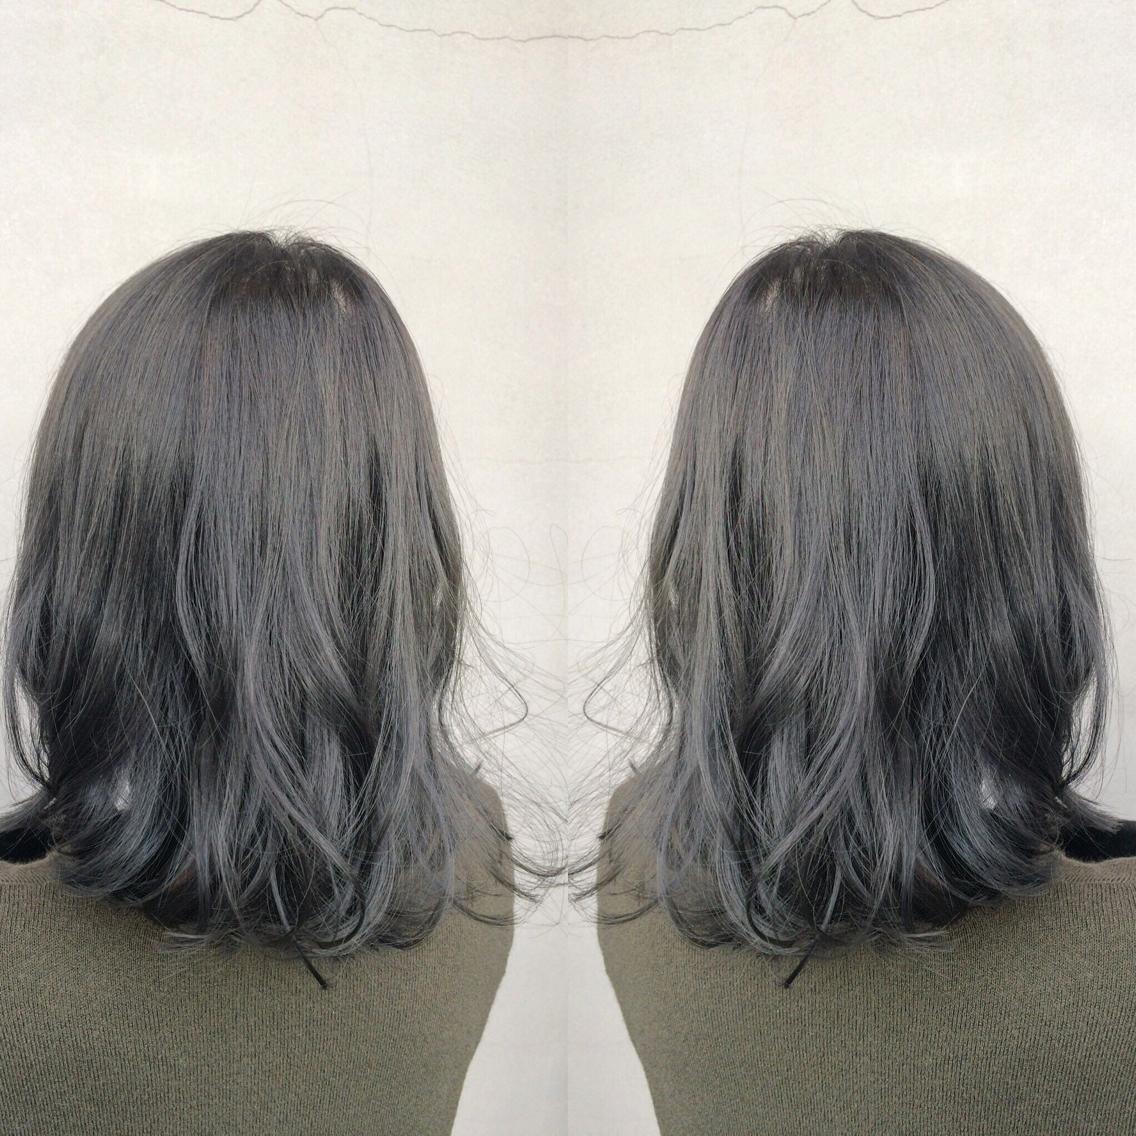 28f9e663f45 グレーアッシュ✨ ブリーチして一度抜いた髪に、N.colorでここまでの透明感とグレー感がはいります✂︎  *一度抜いた色味度合いによっては、色が少しかわることも ...